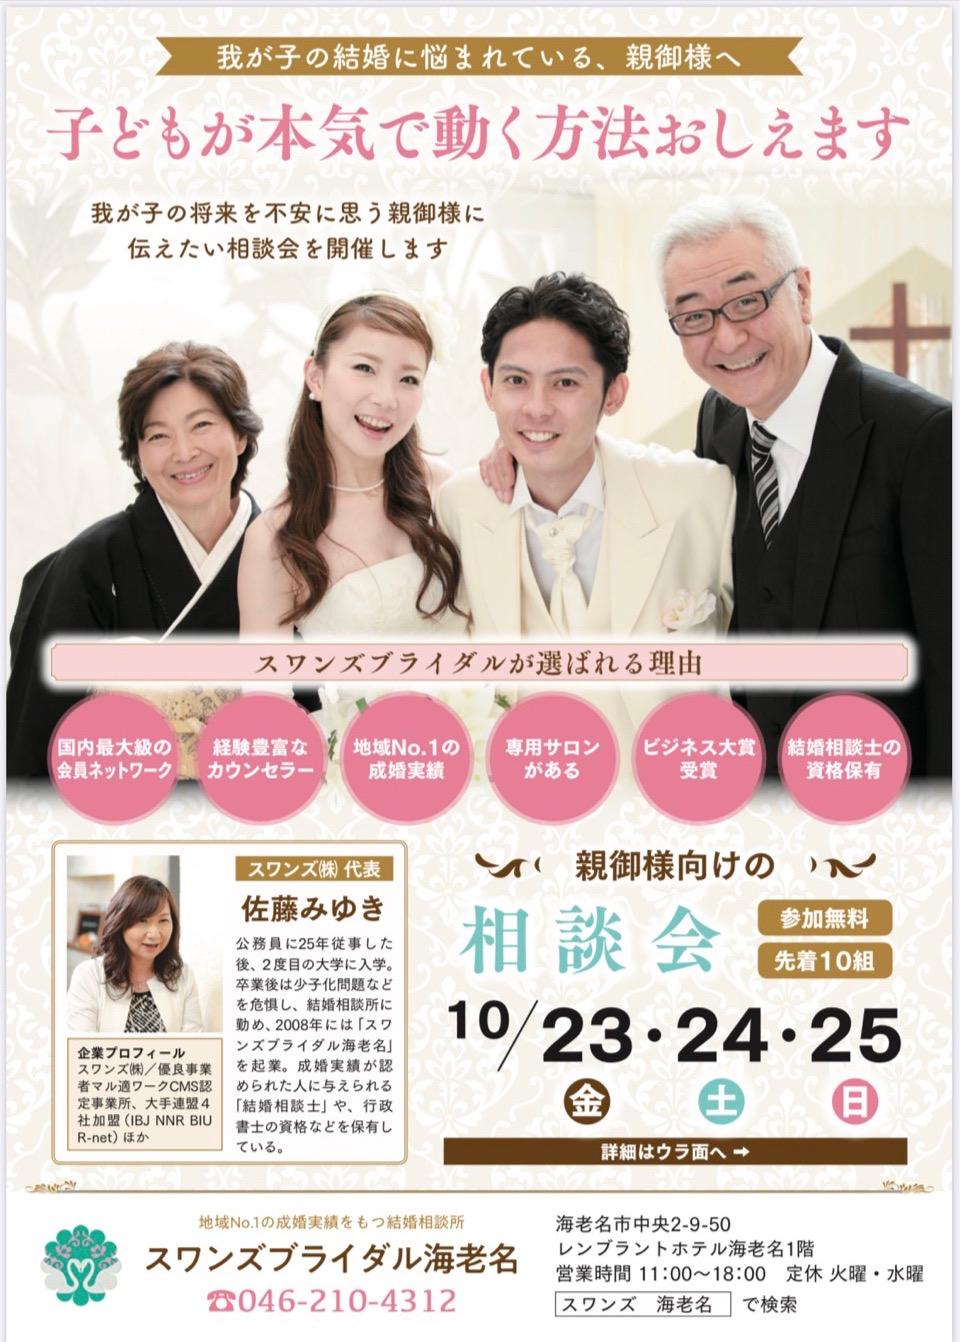 親御様向けの結婚相談会 10/23・24・25